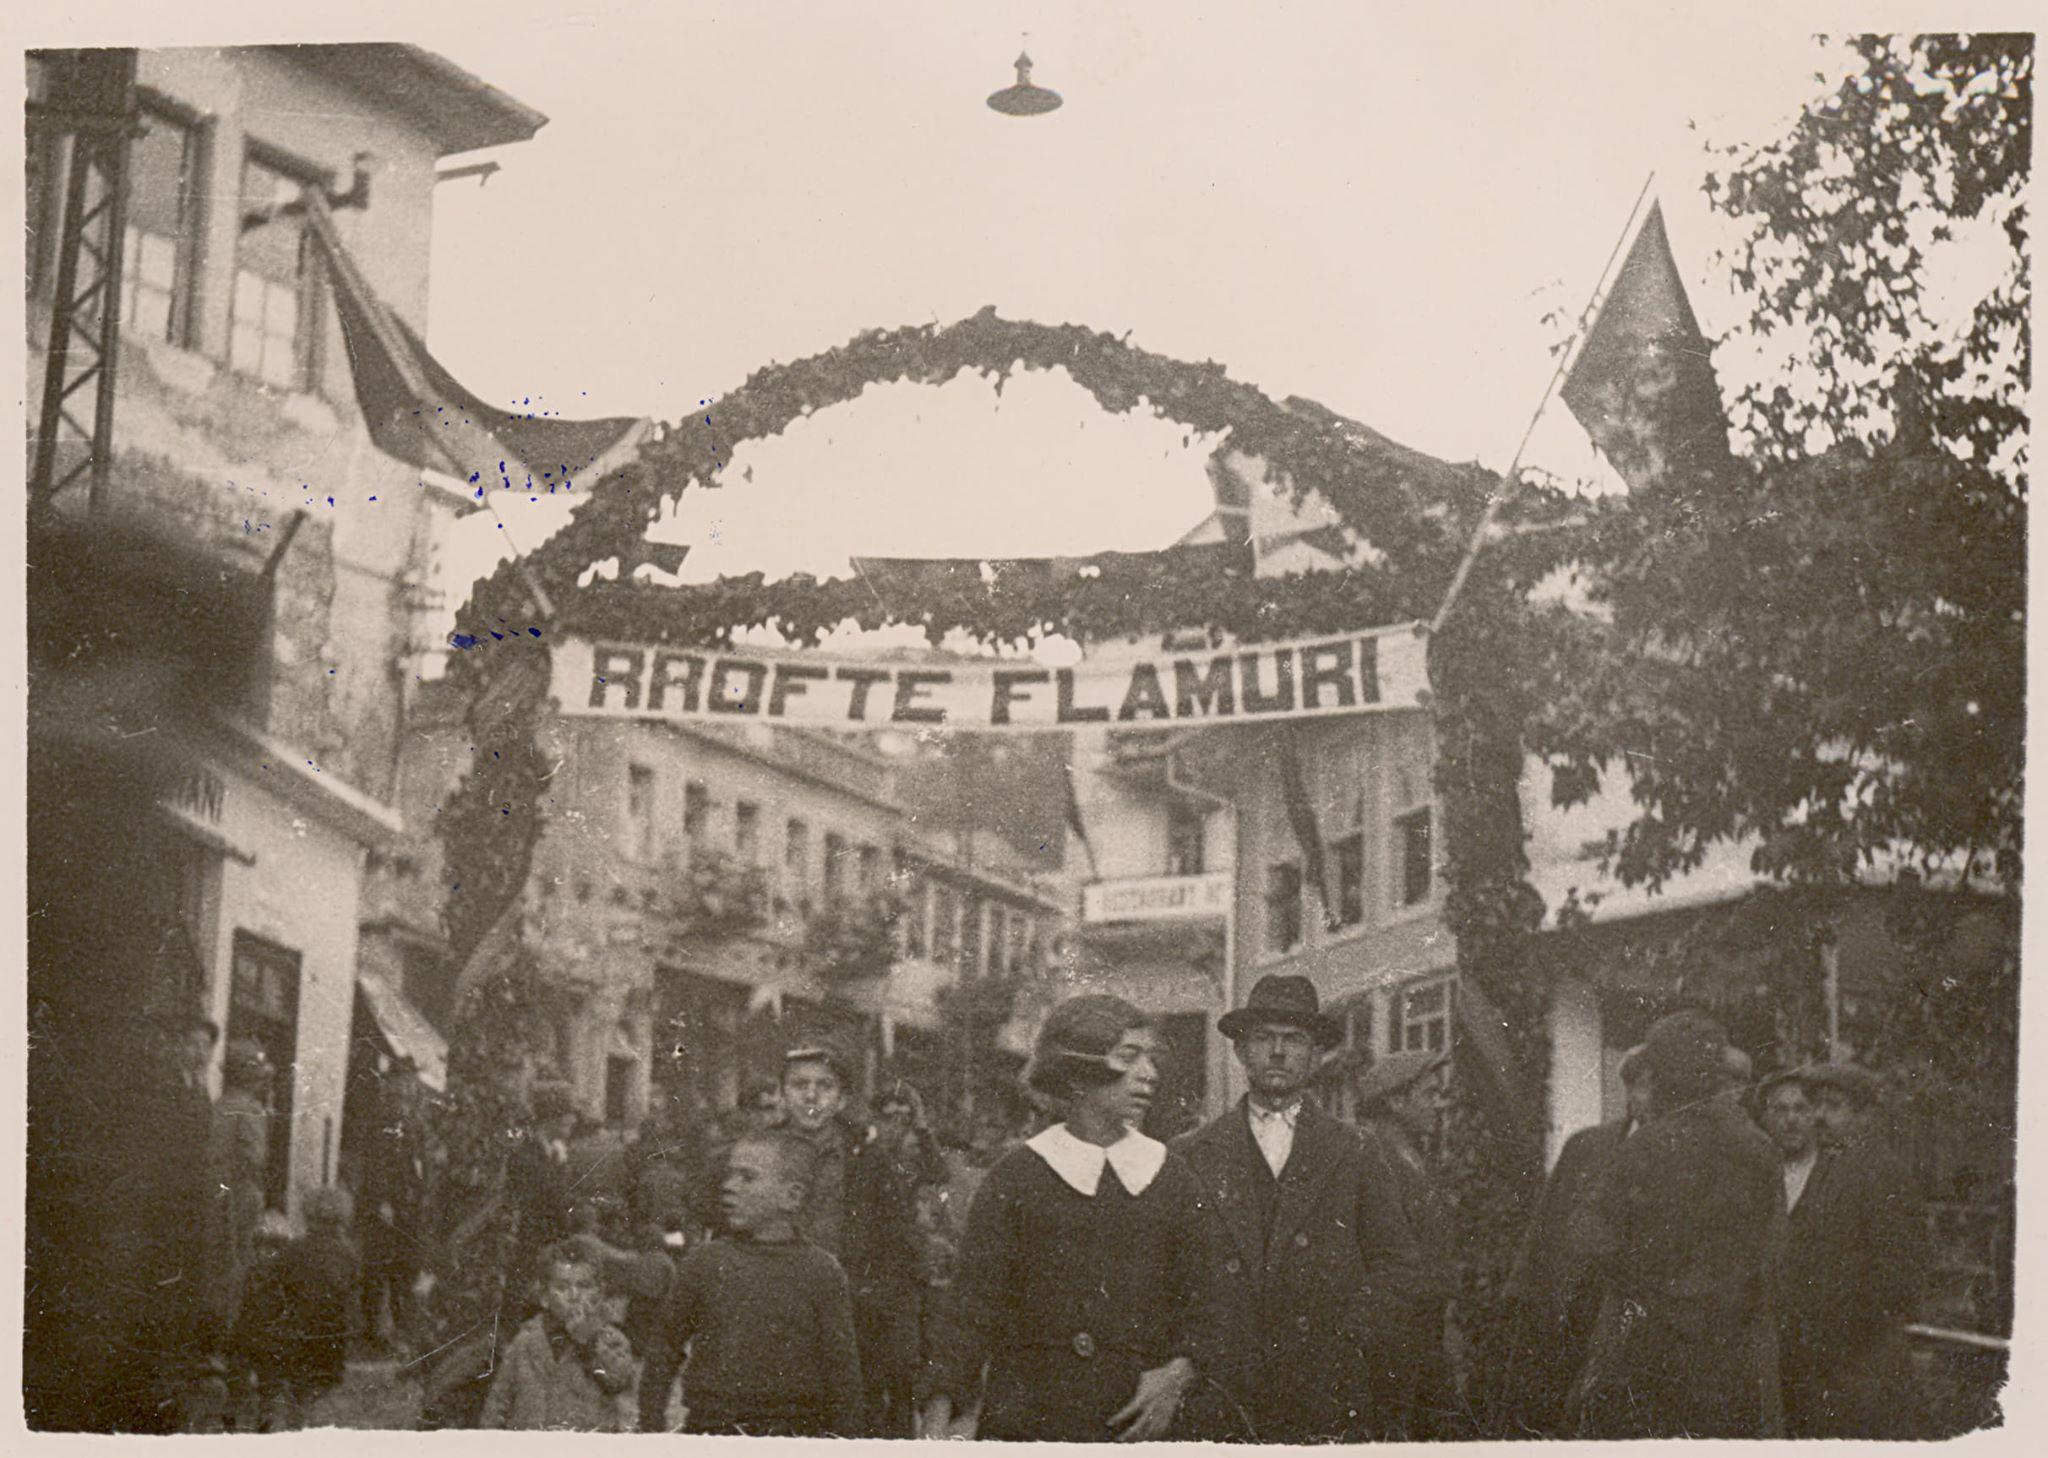 Ja si Eshtë Festuar në Vitin 1937 në Gjirokastër 25 Vjetori i Shpalljes së Pavarësisë Kombëtare!